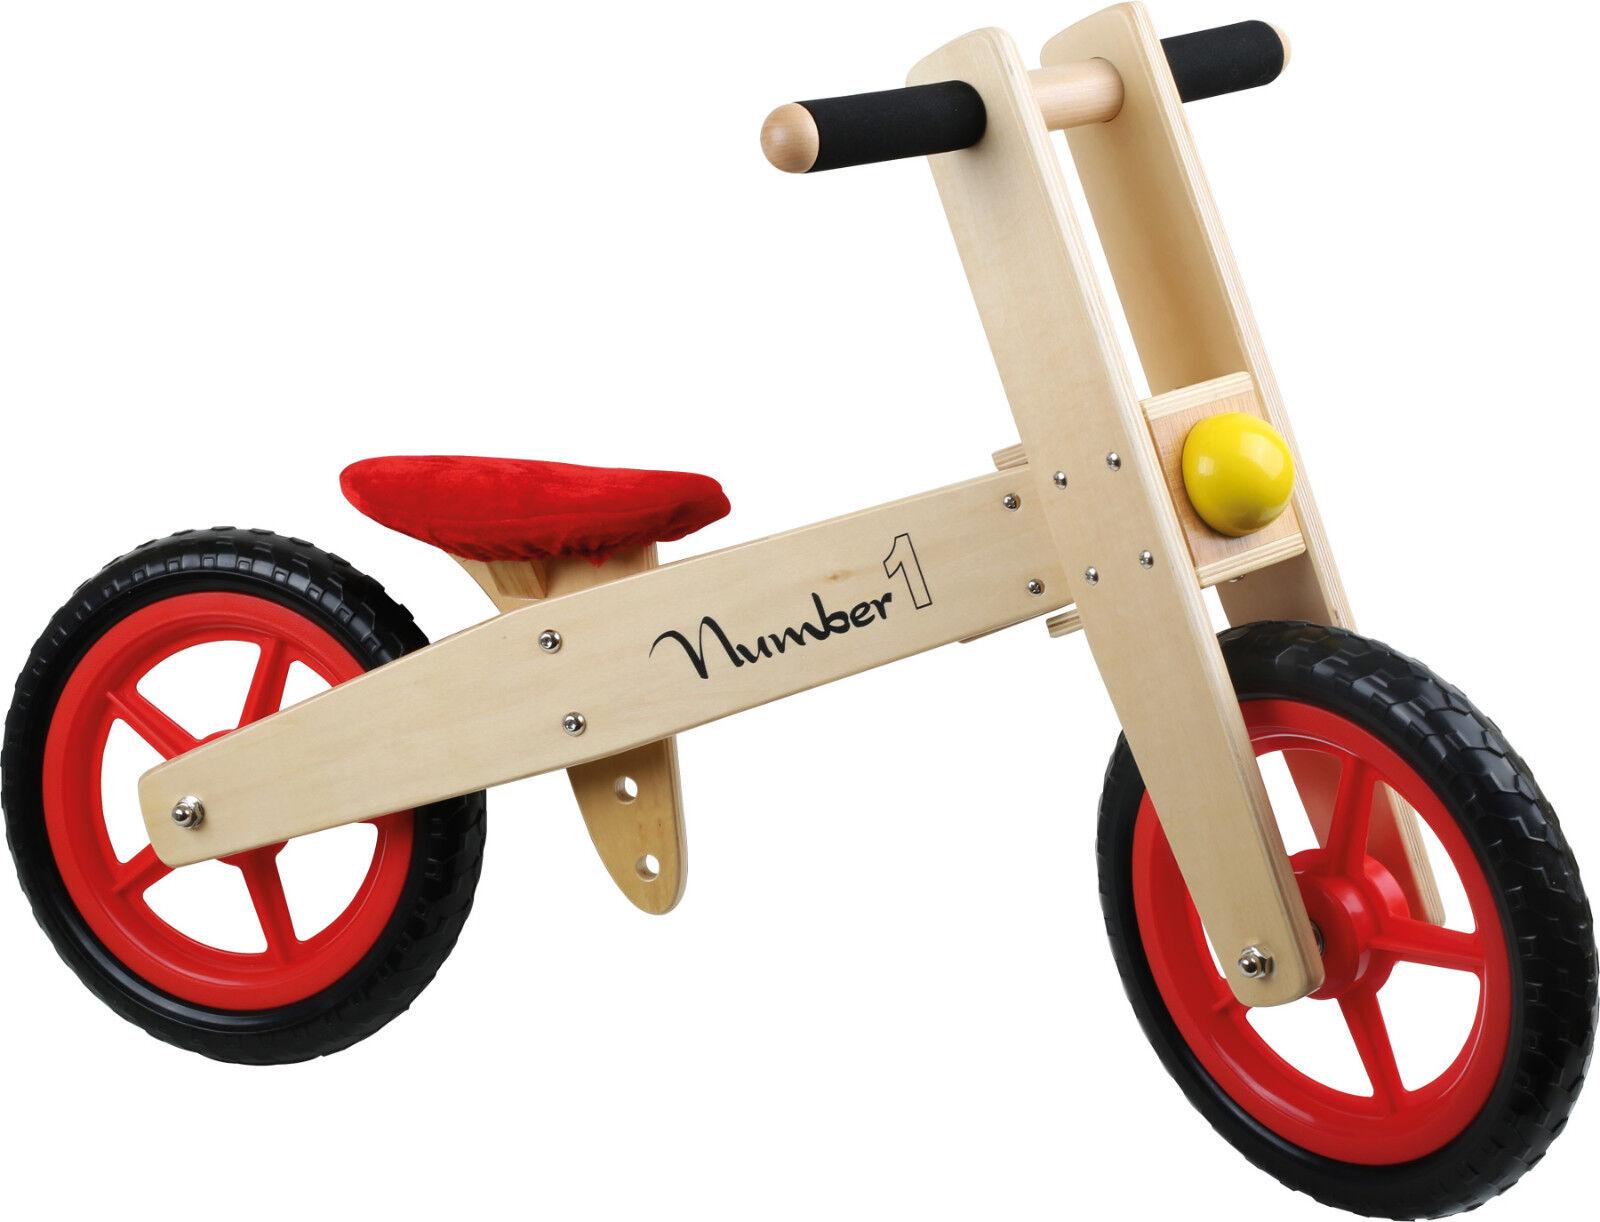 Laufrad aus Holz Kinderfahrzeug Sitzhöhe höhenverstellbar Kinder ab 3 Jahre NEU